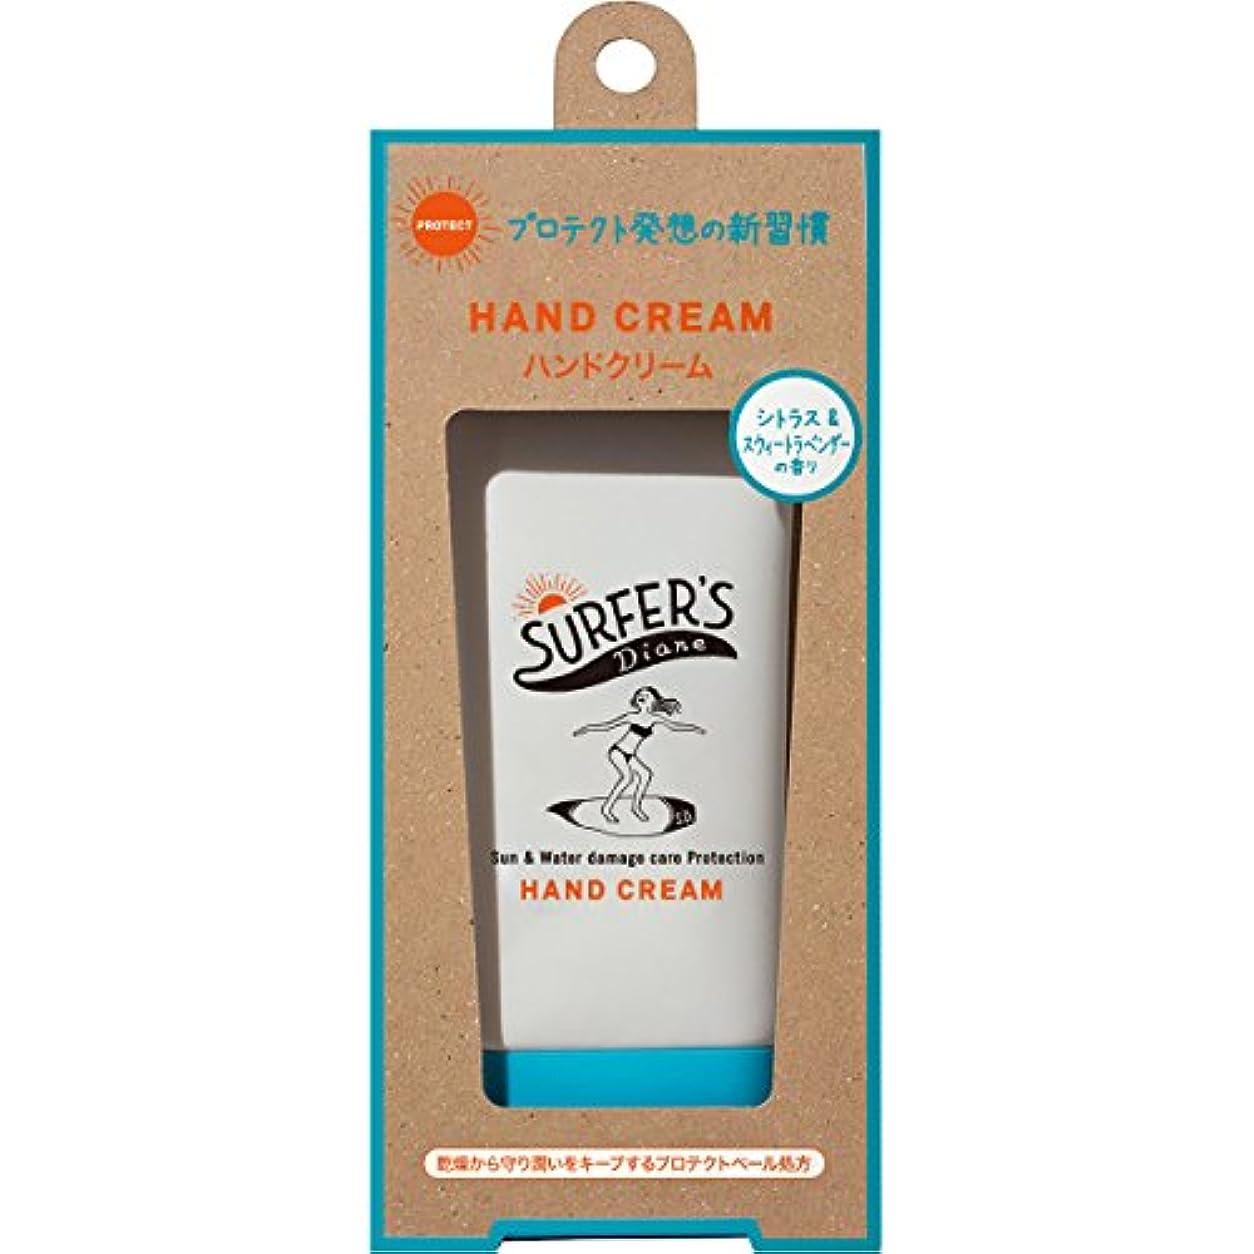 乱気流接続浮浪者サーファーズダイアン プロテクト ハンドクリーム シトラス&スウィートラベンダーの香り 50g